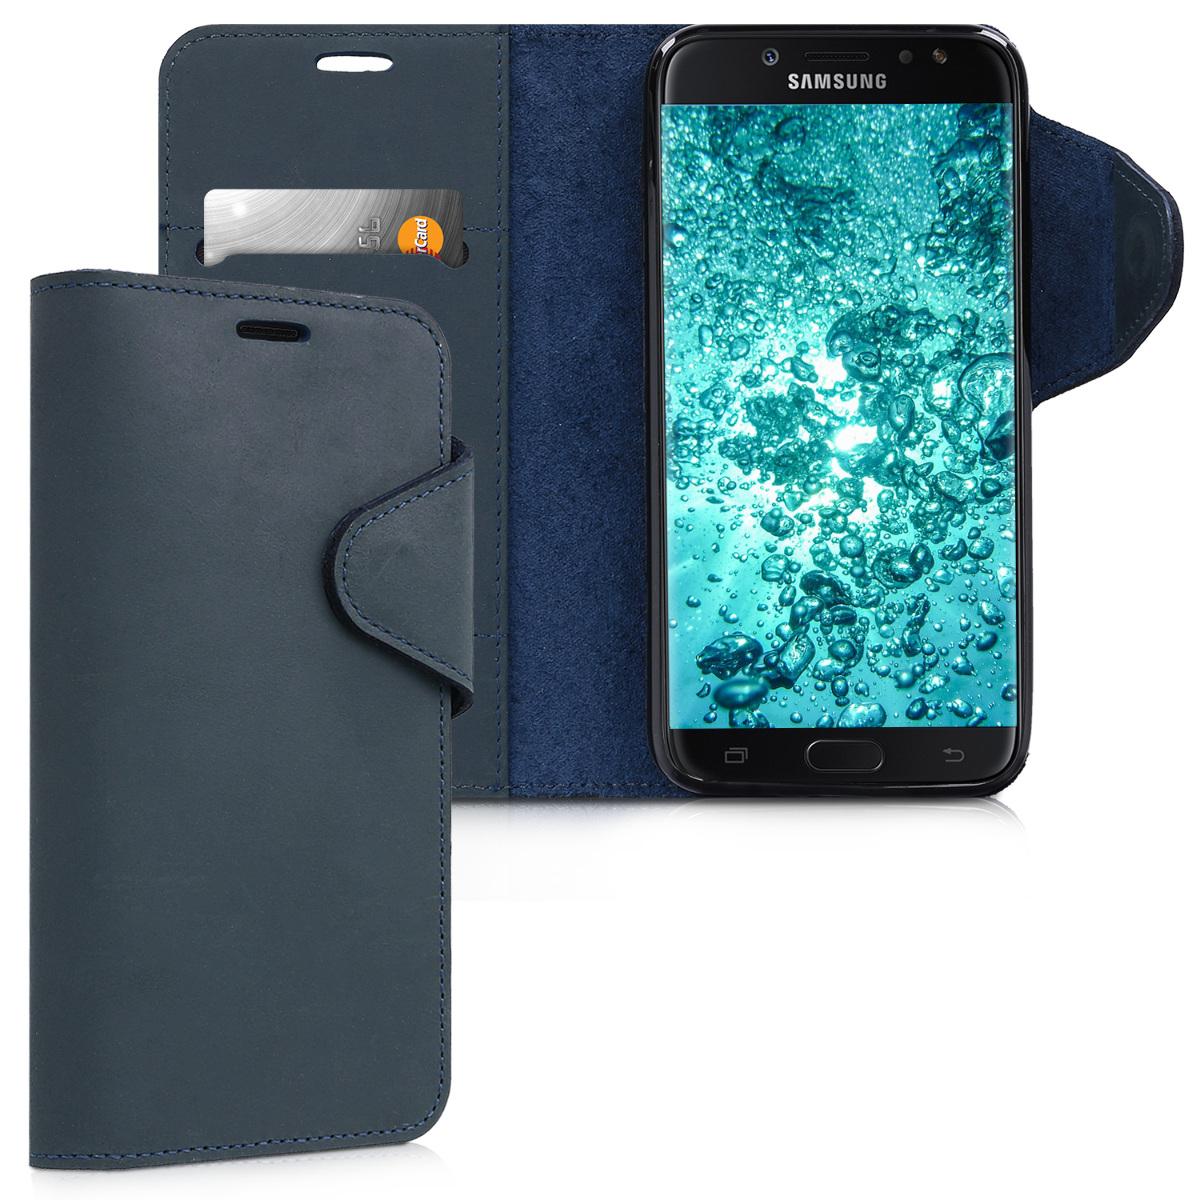 Kožené pouzdro pro Samsung J7 (2017) DUOS - tmavě modré